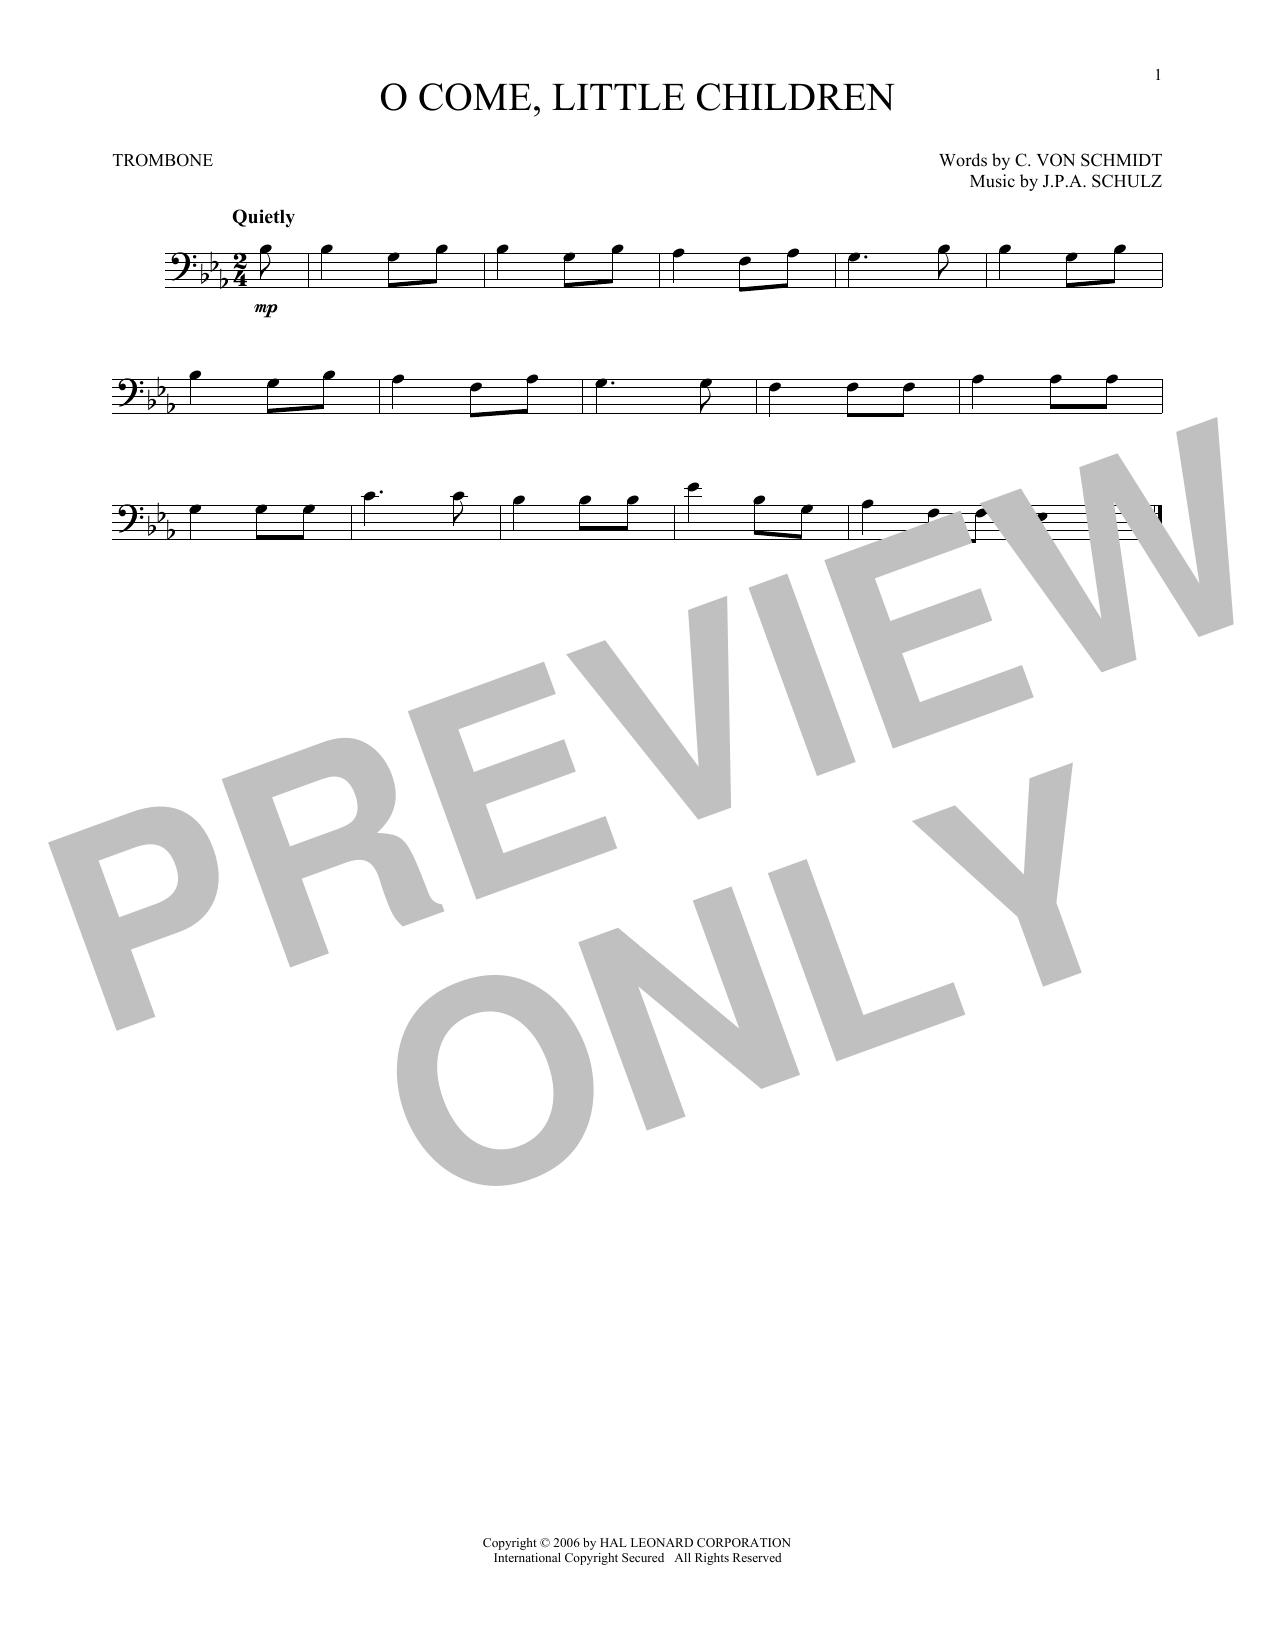 O Come, Little Children (Trombone Solo)